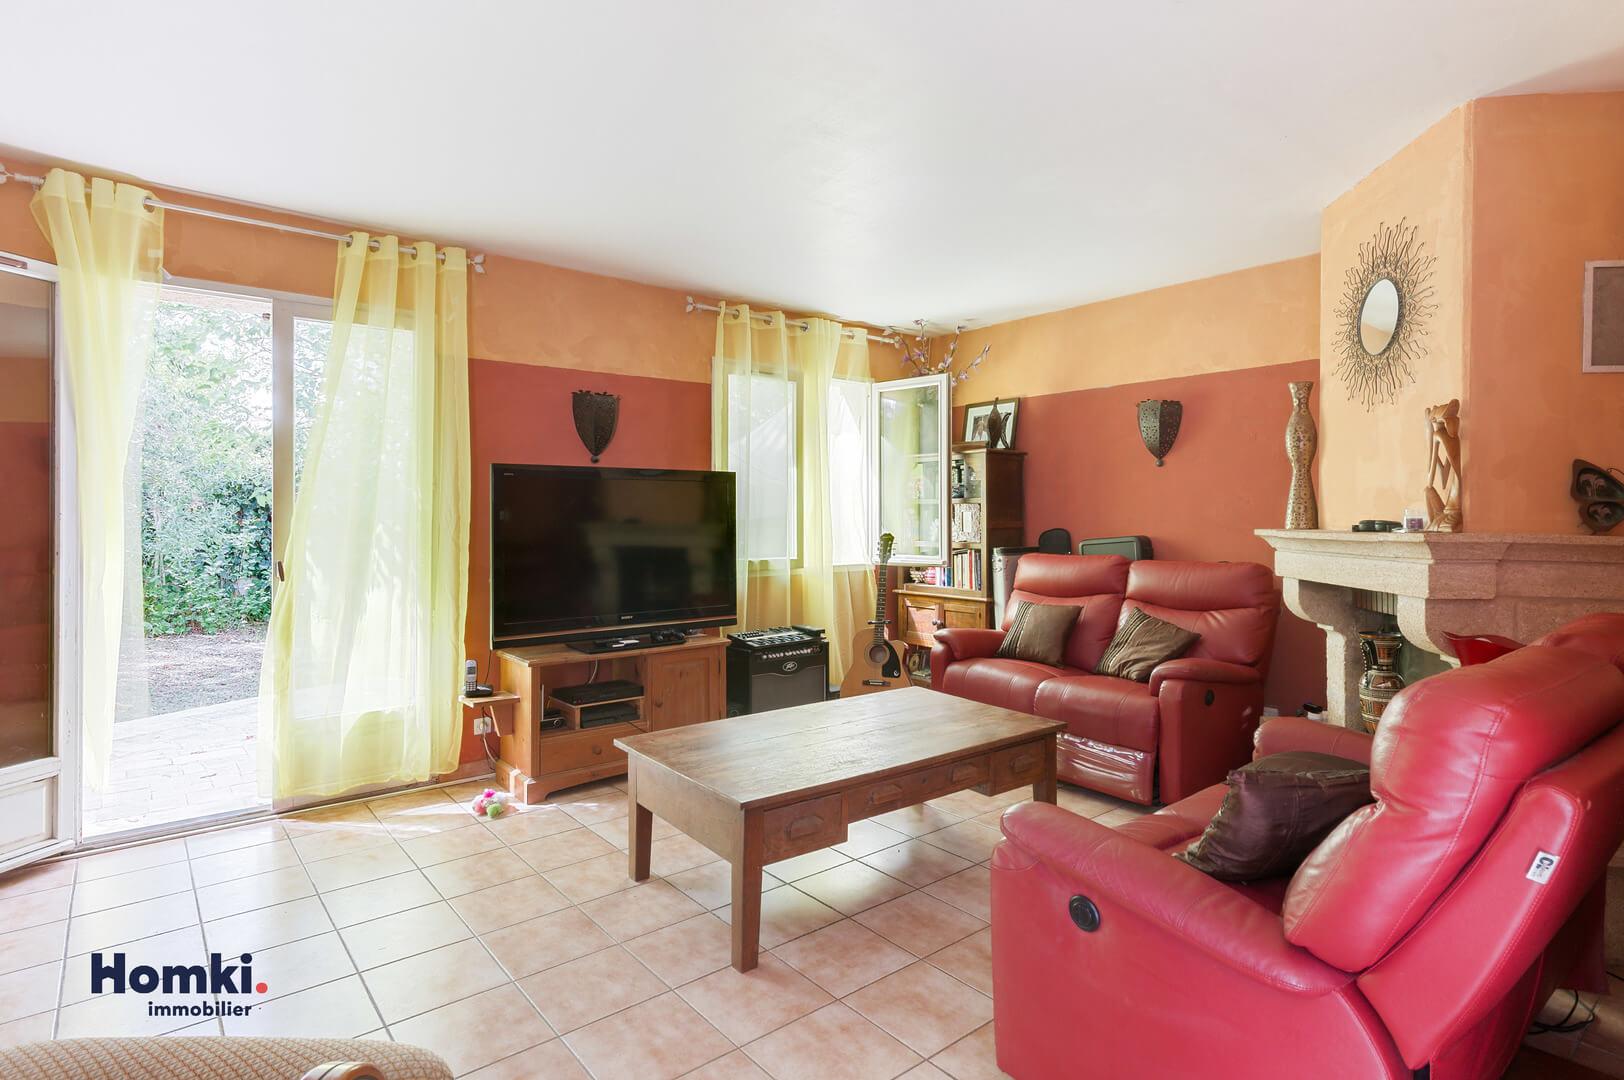 Vente maison 108m² T4 34400_4